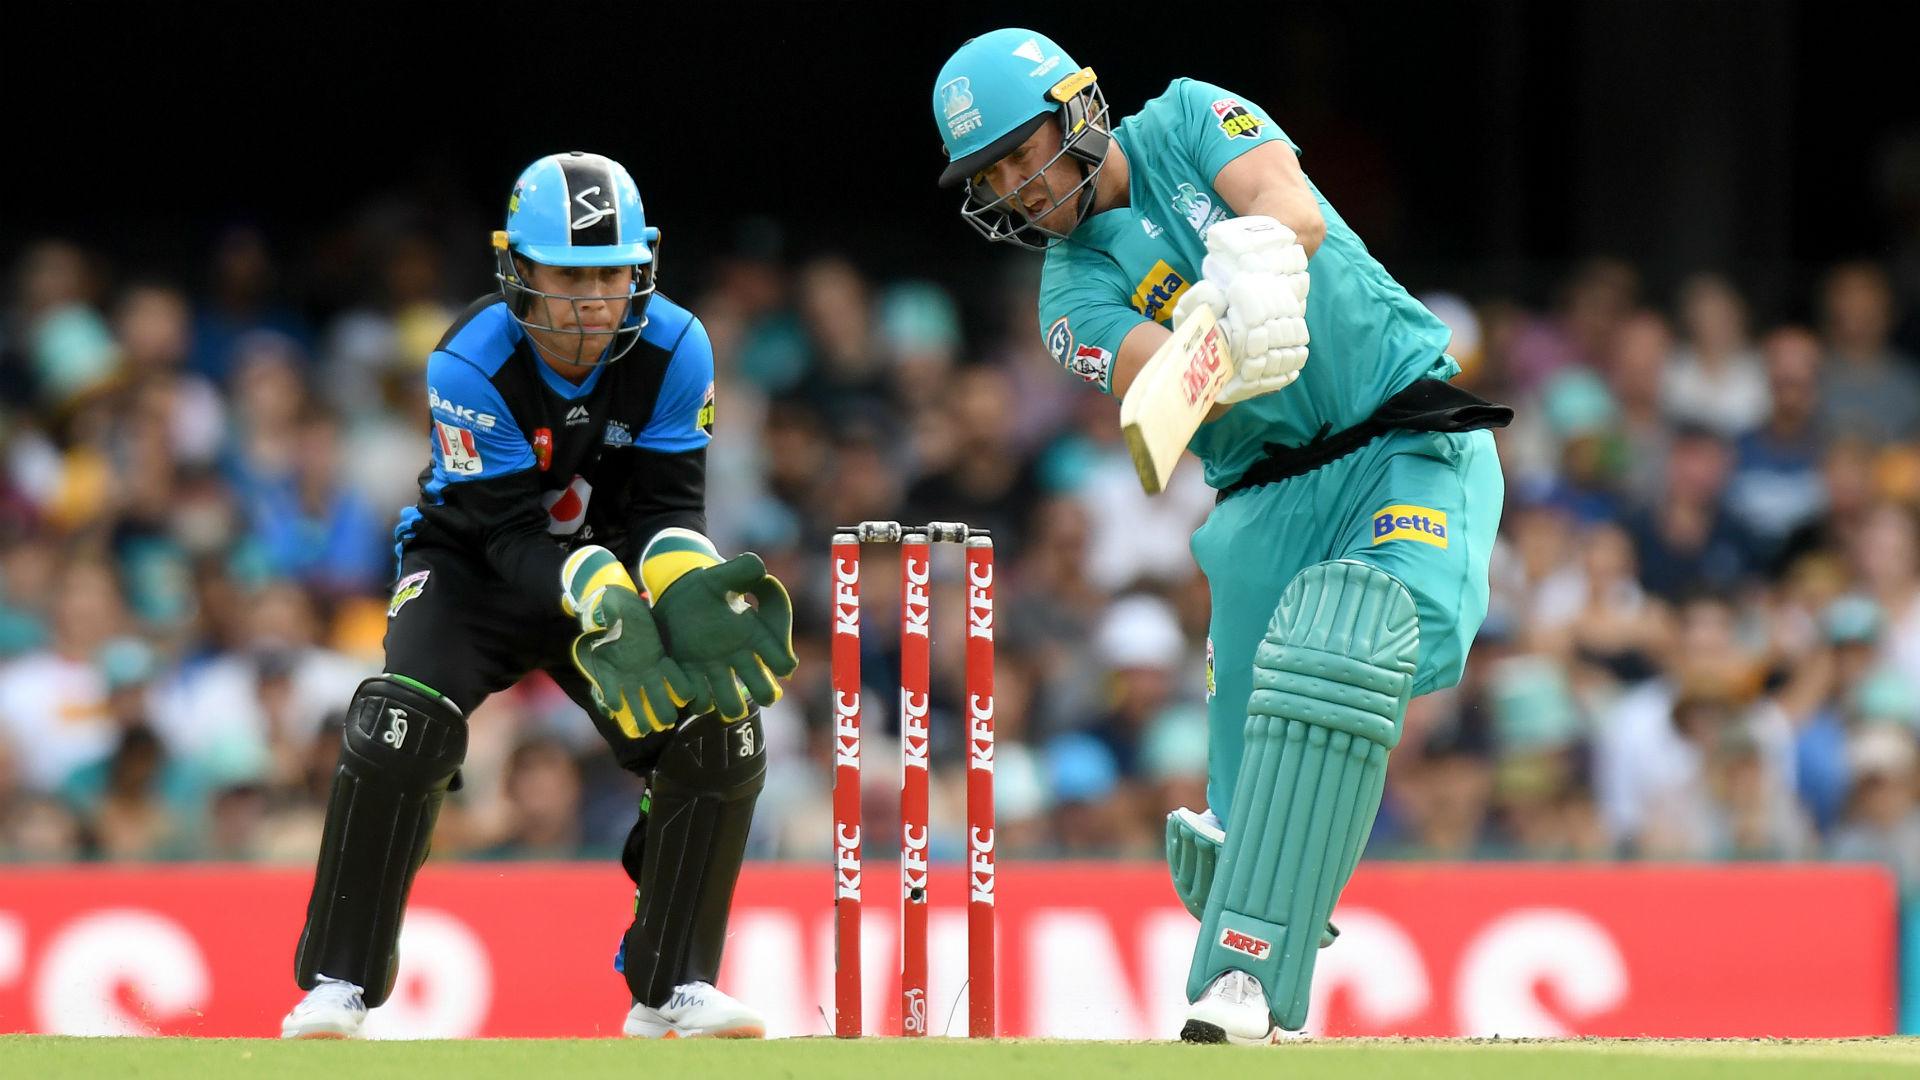 De Villiers was 'definitely in line' for T20 World Cup - De Kock